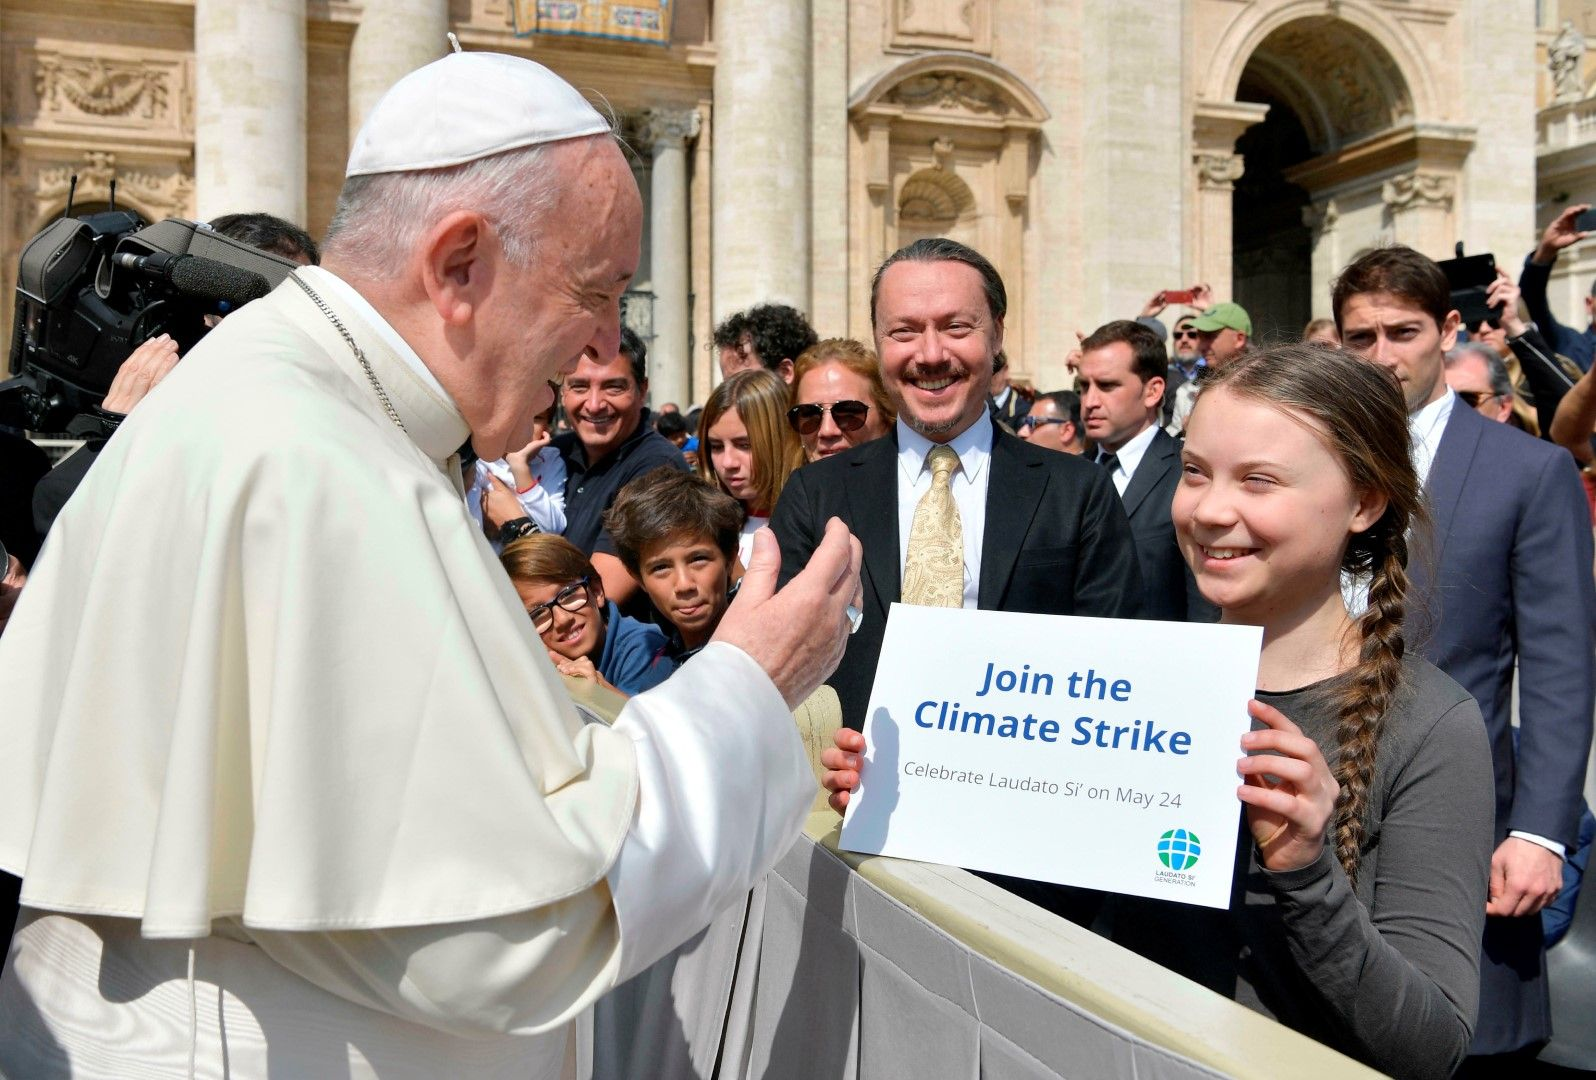 Грета Тунберг приканва папа Франциск да се присъедини към стачката за климата